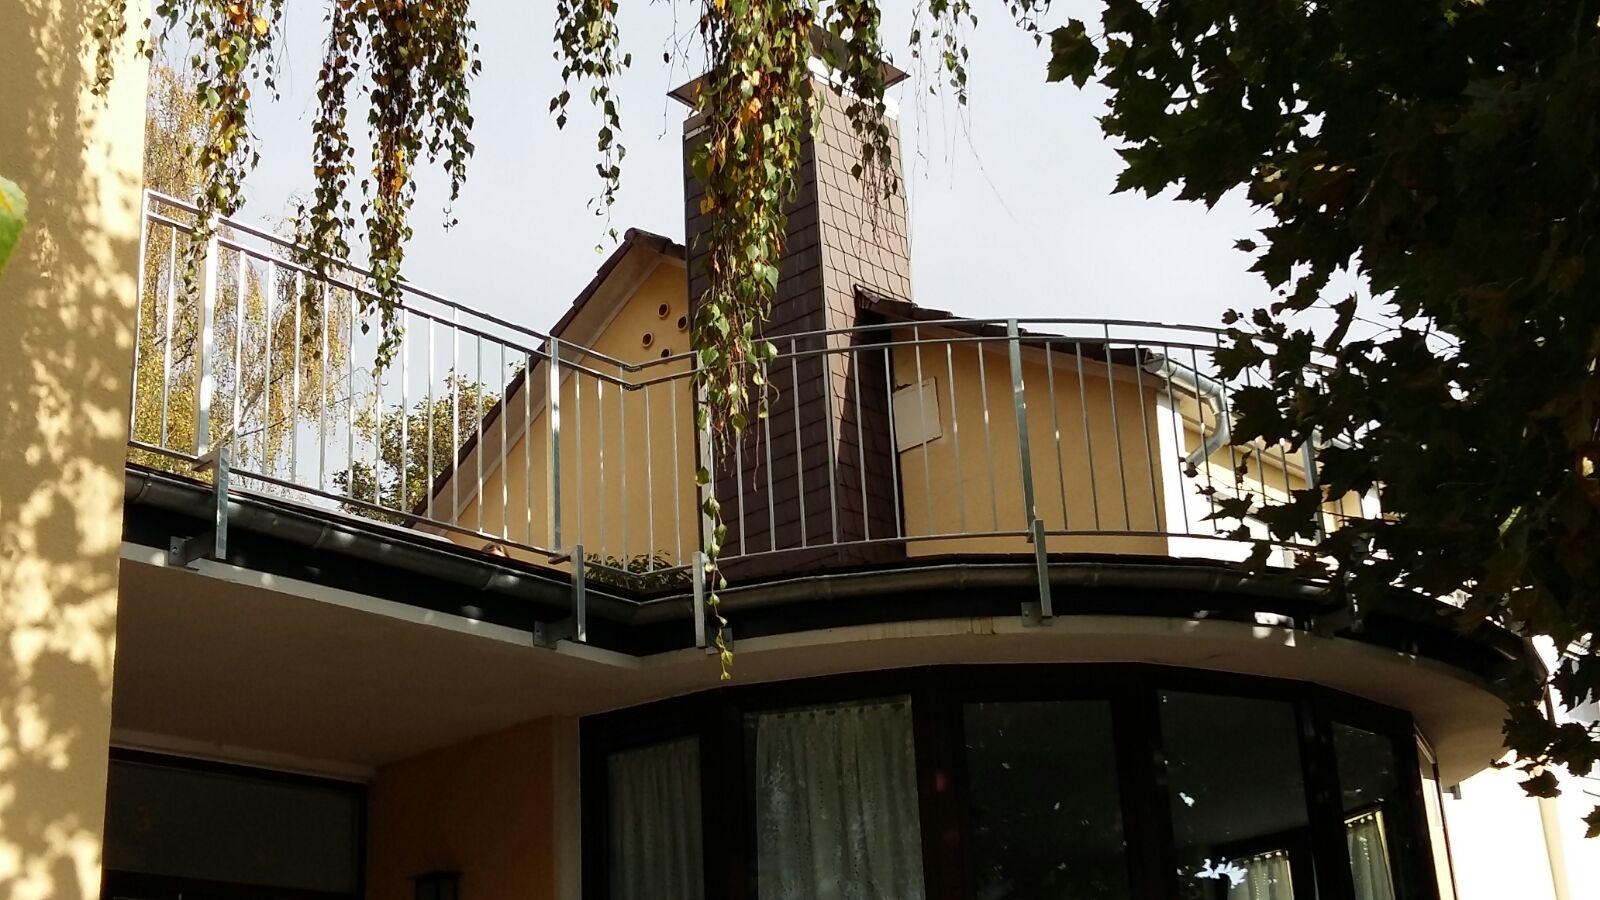 Balkongeländer »BGWA0002« von Metallbau Becker & Vogt